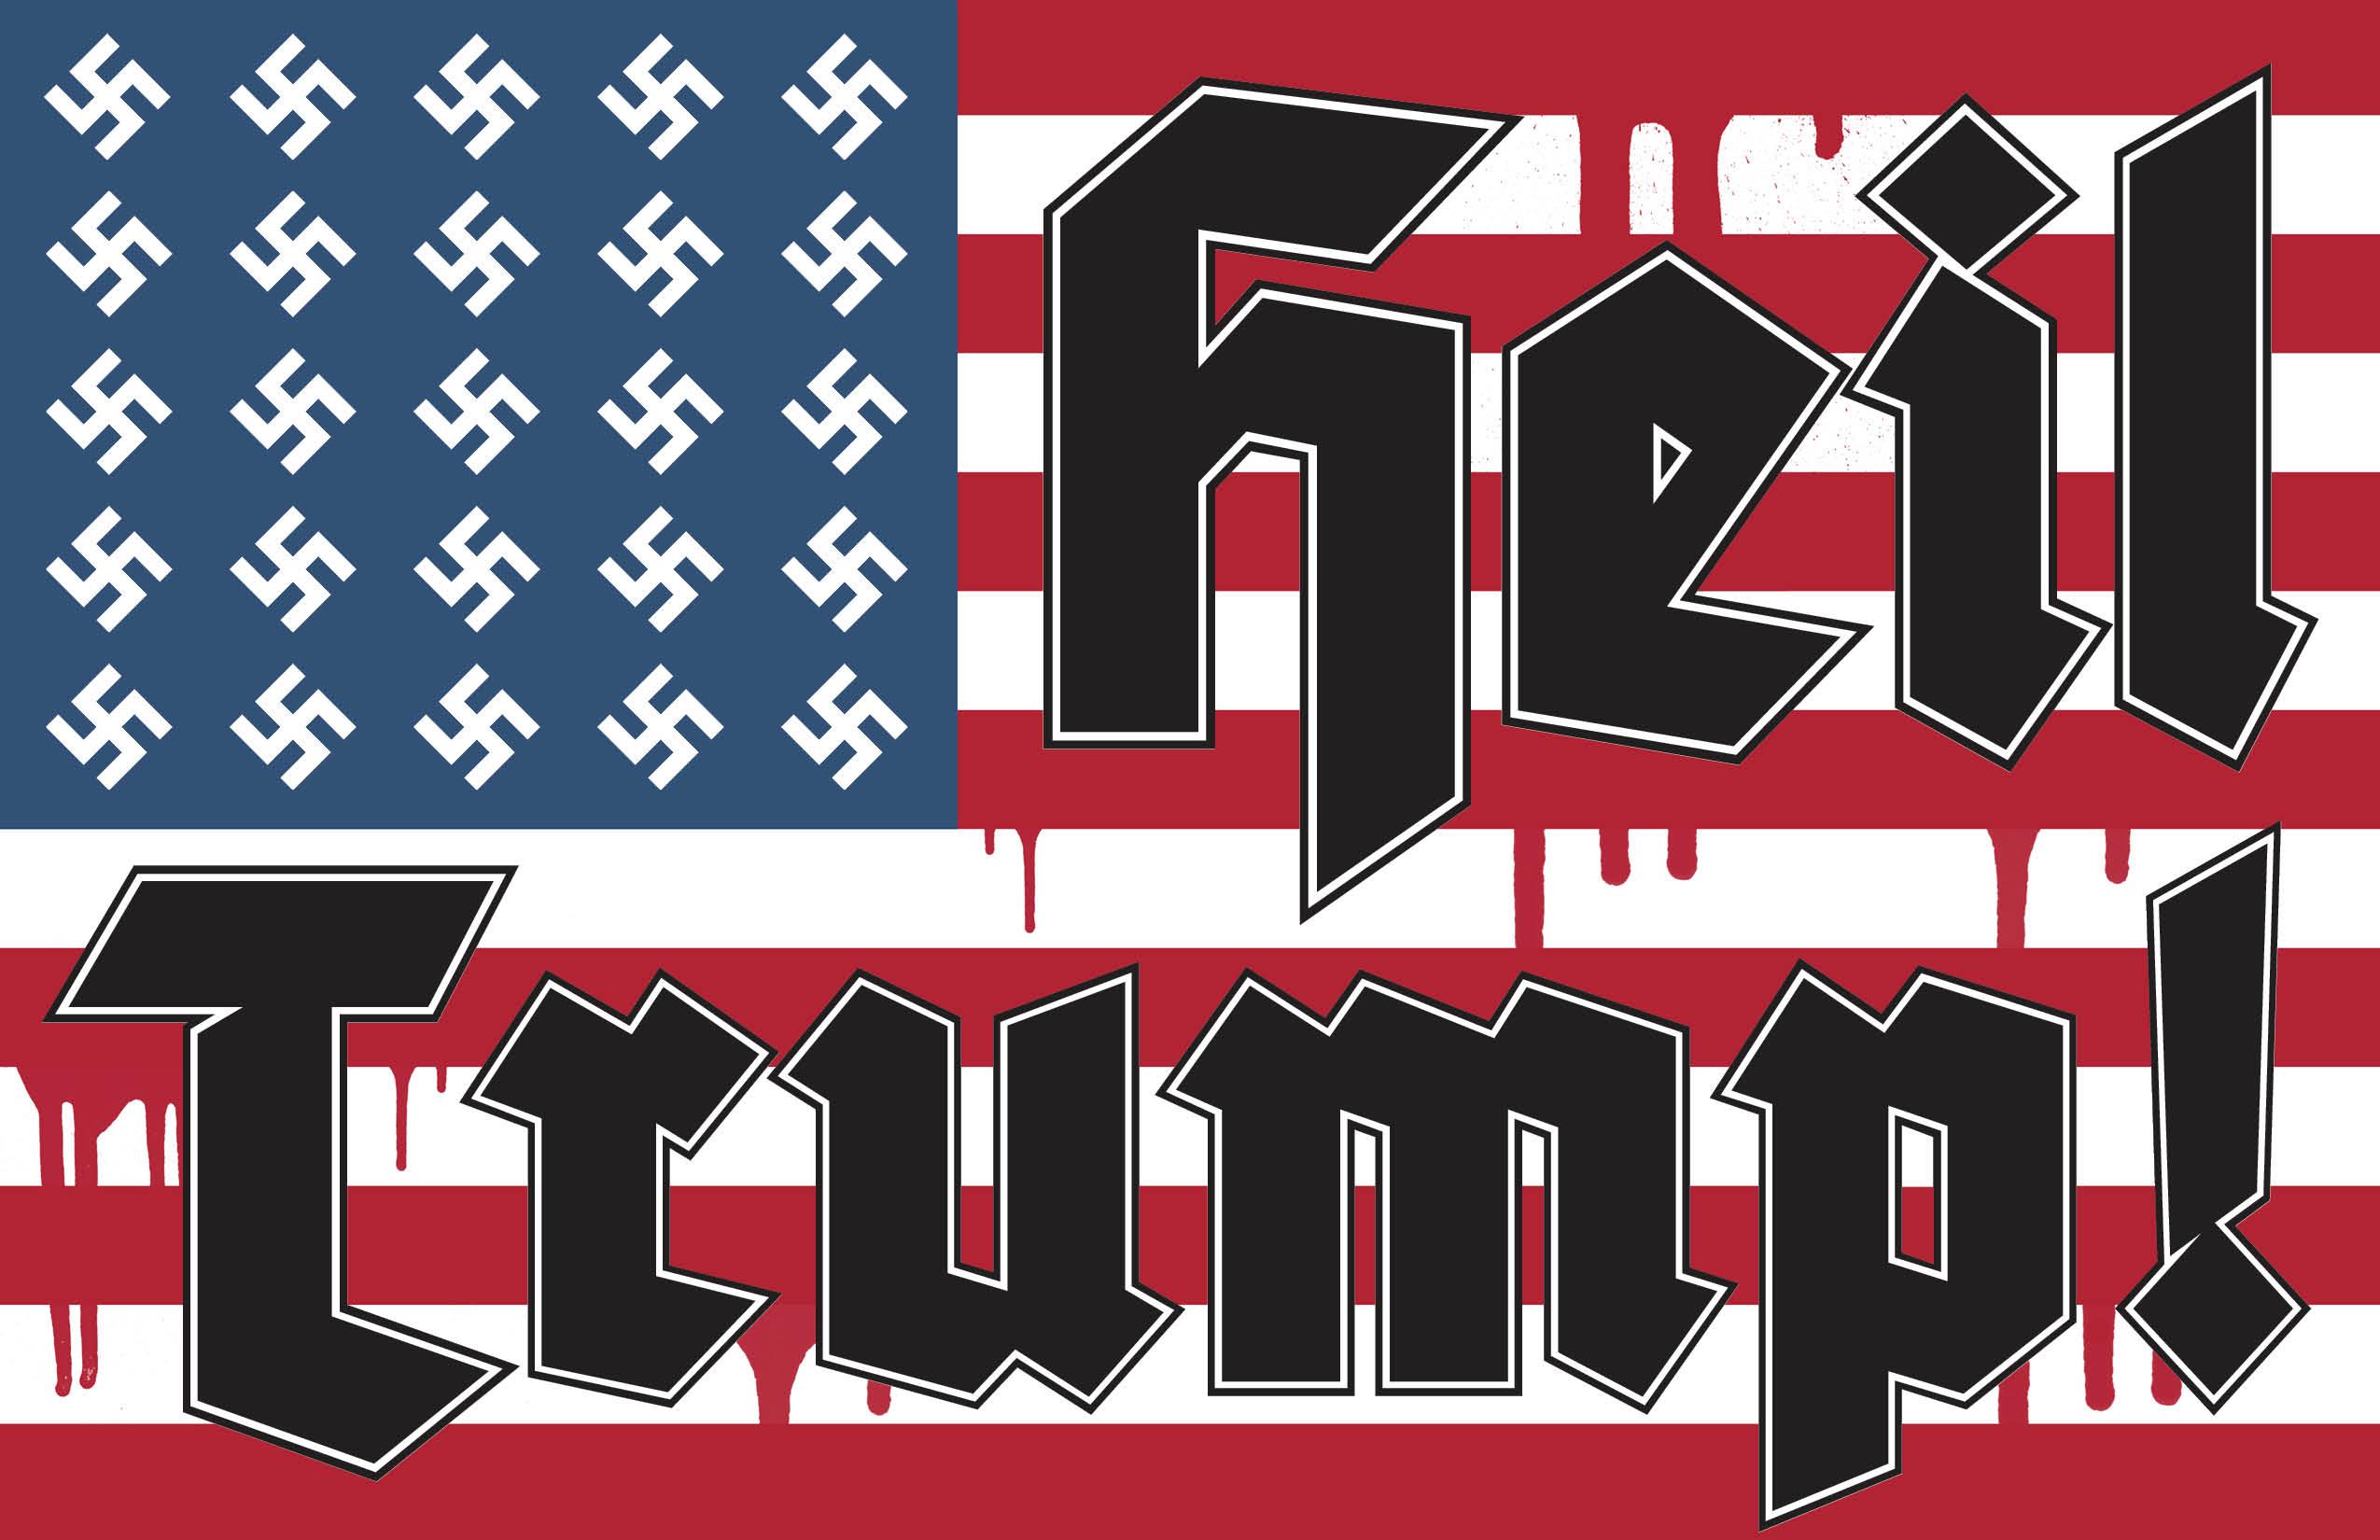 Heil Trump!